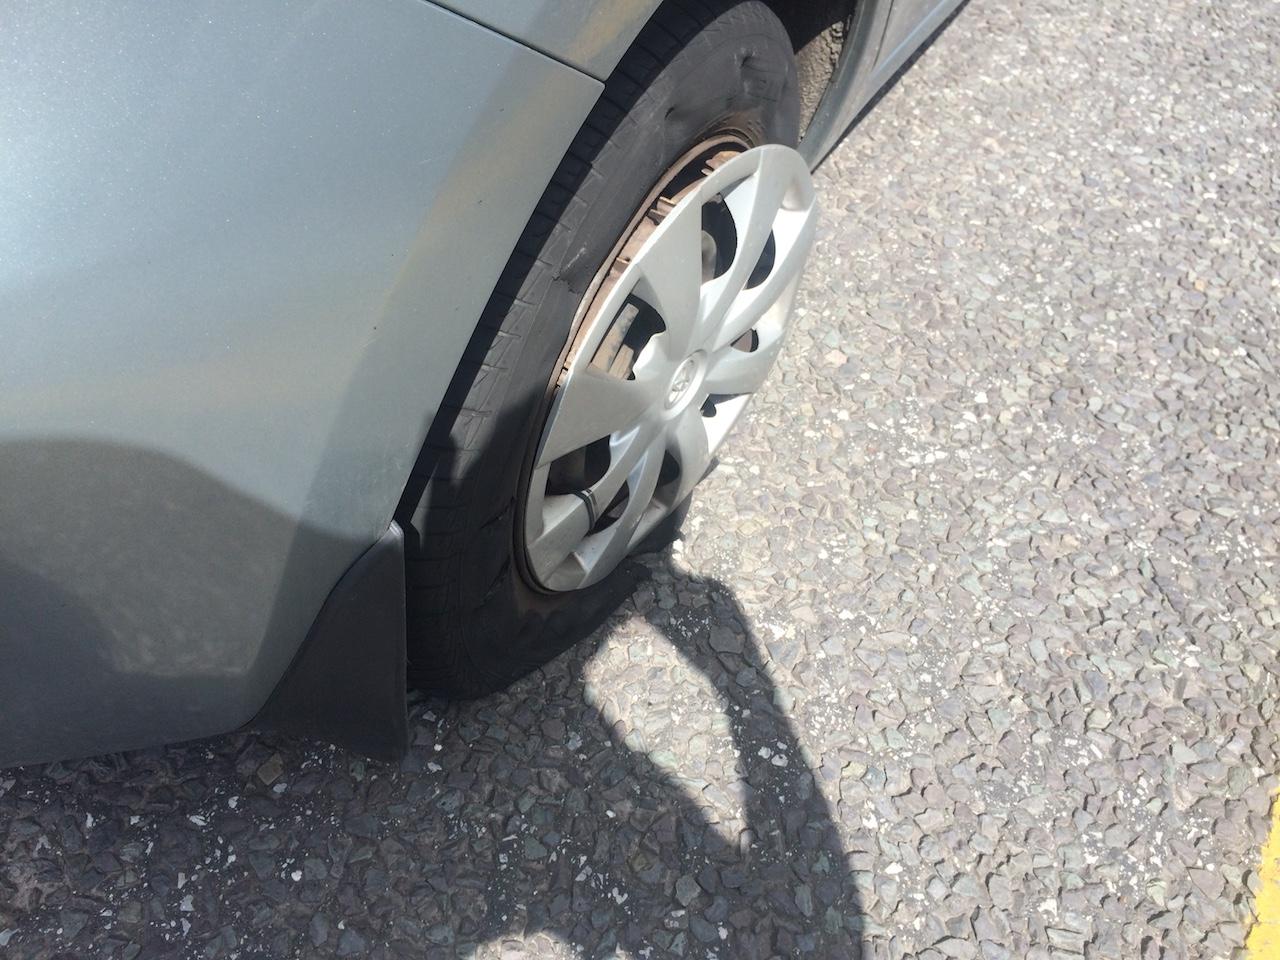 Flat tire.jpeg